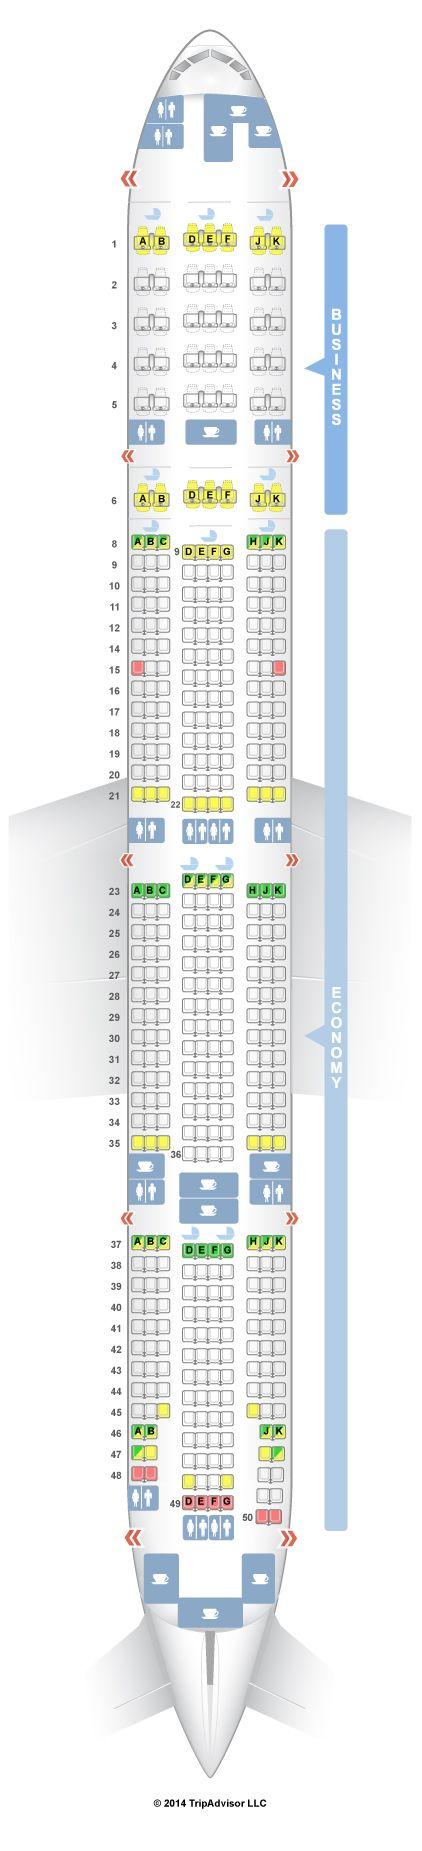 Emirates Seat Map SeatGuru Seat Map Emirates Boeing 777 300ER (77W) Two Class  Emirates Seat Map